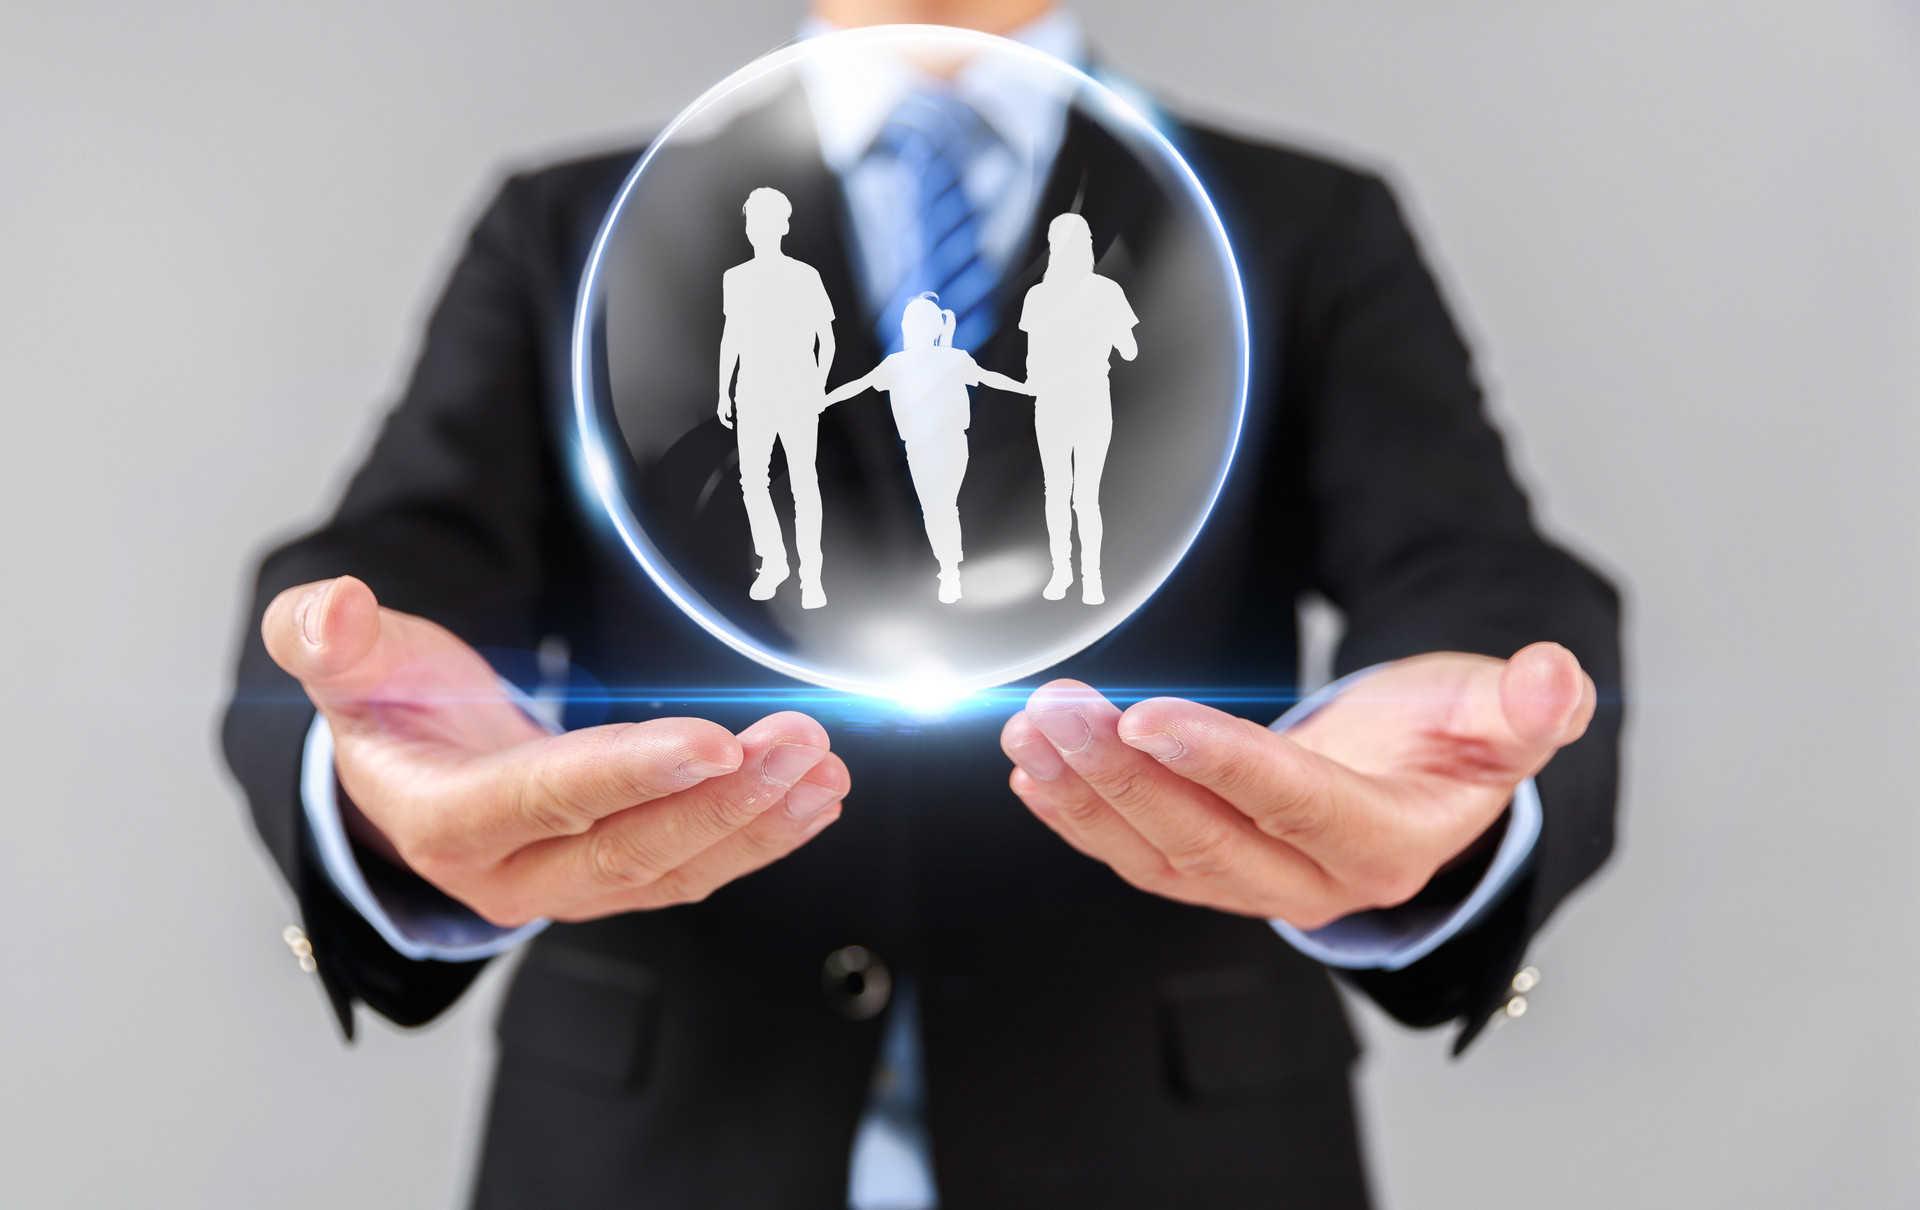 企业缴纳社保需要多少钱,企业社保代缴,全国社保公积金代缴